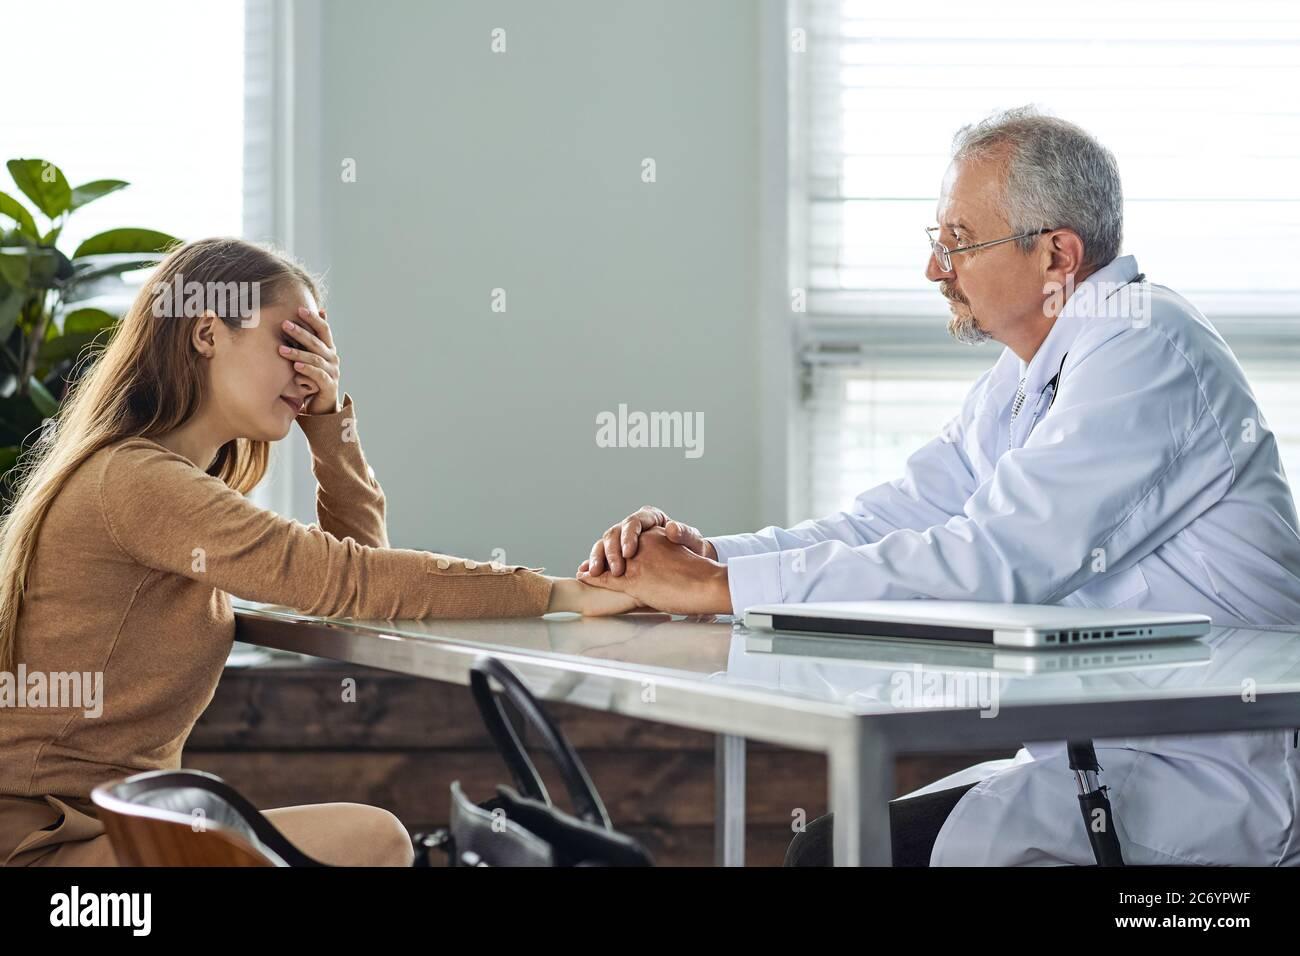 Una mujer joven llora al oír un diagnóstico desfavorable en una cita con el médico Foto de stock